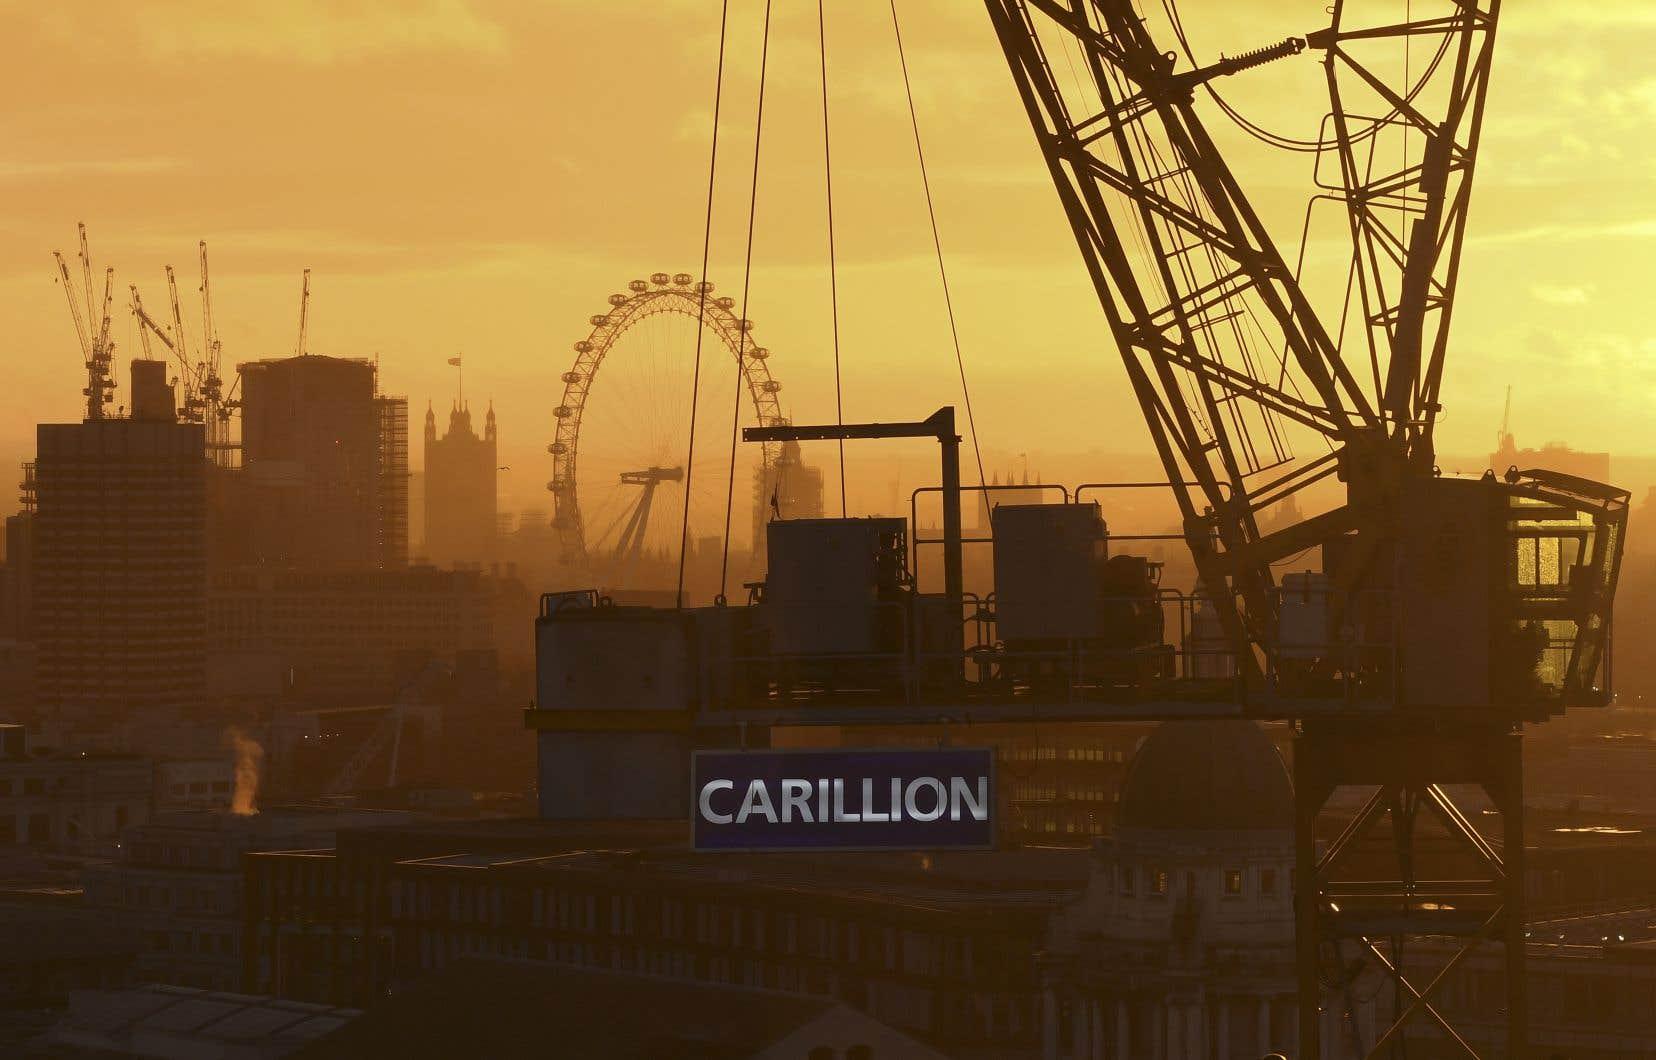 Faute d'accord sur son renflouement, l'entreprise britannique explique avoir été contrainte «de se placer en liquidation avec effet immédiat», suscitant de fortes craintes sur le sort de ses 43 000 employés dans le monde.